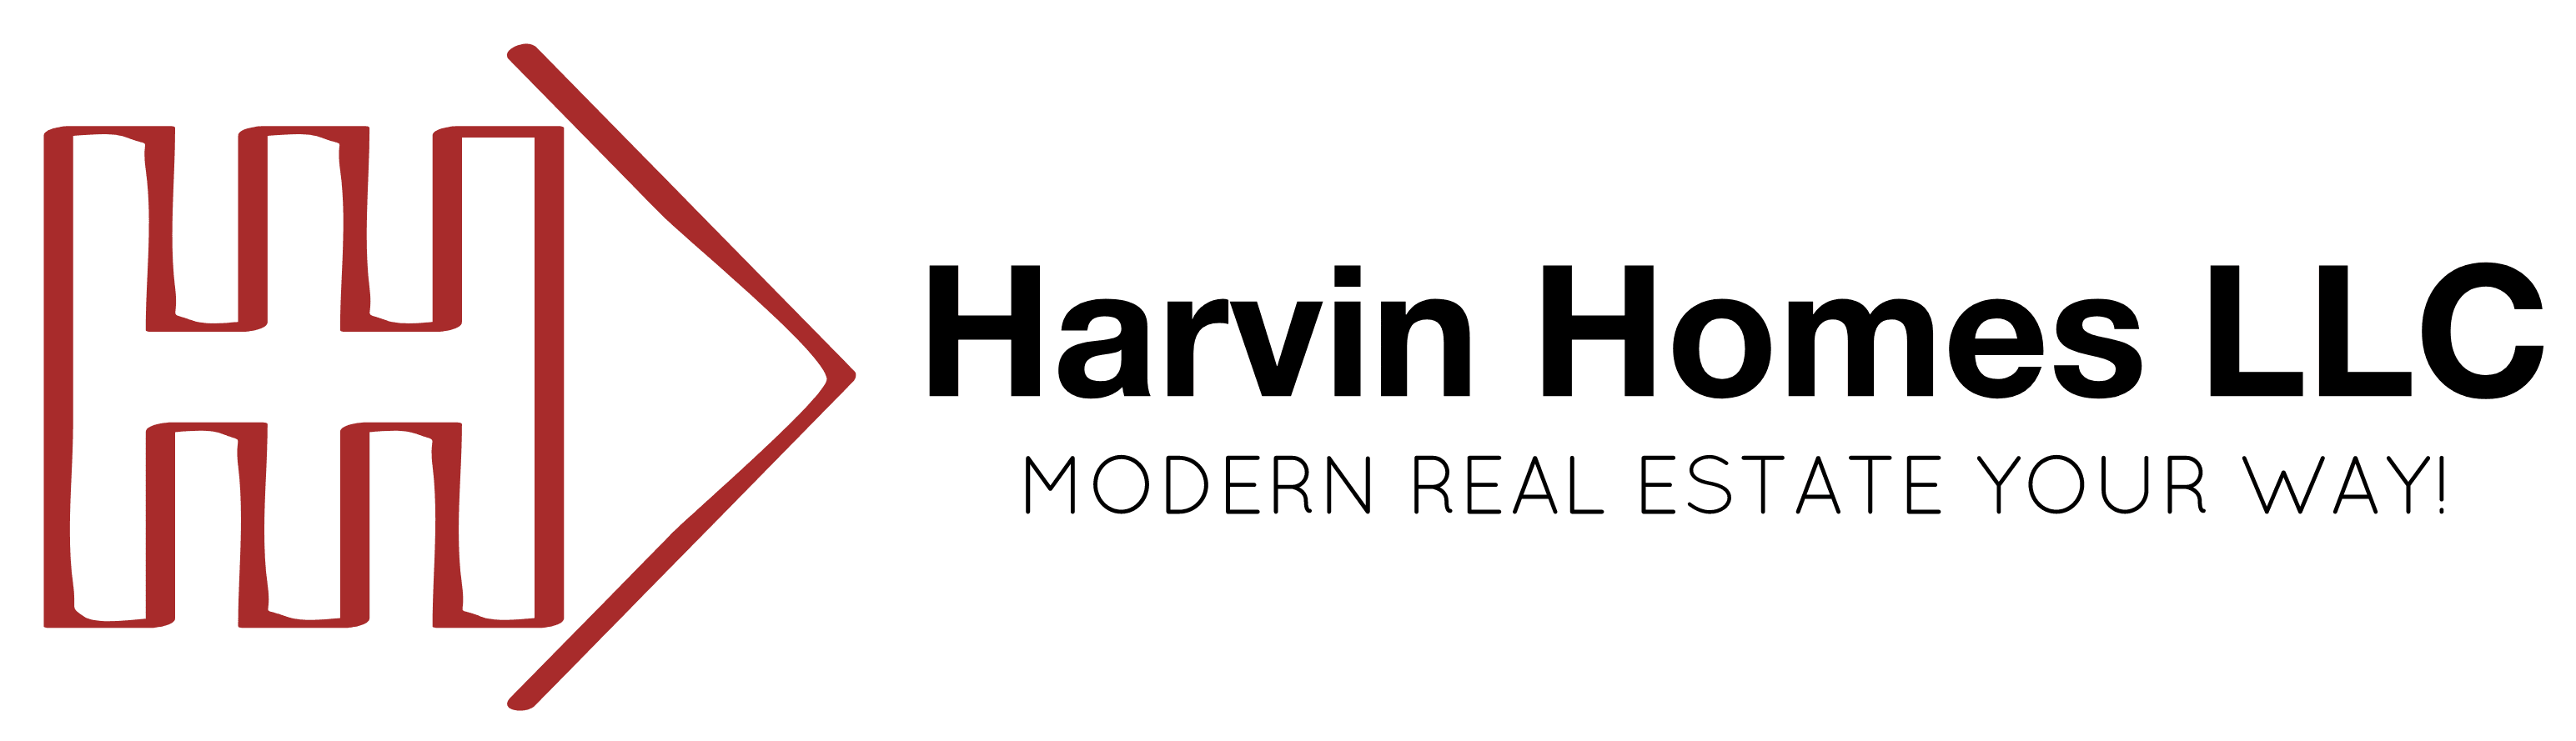 Greg Harvin